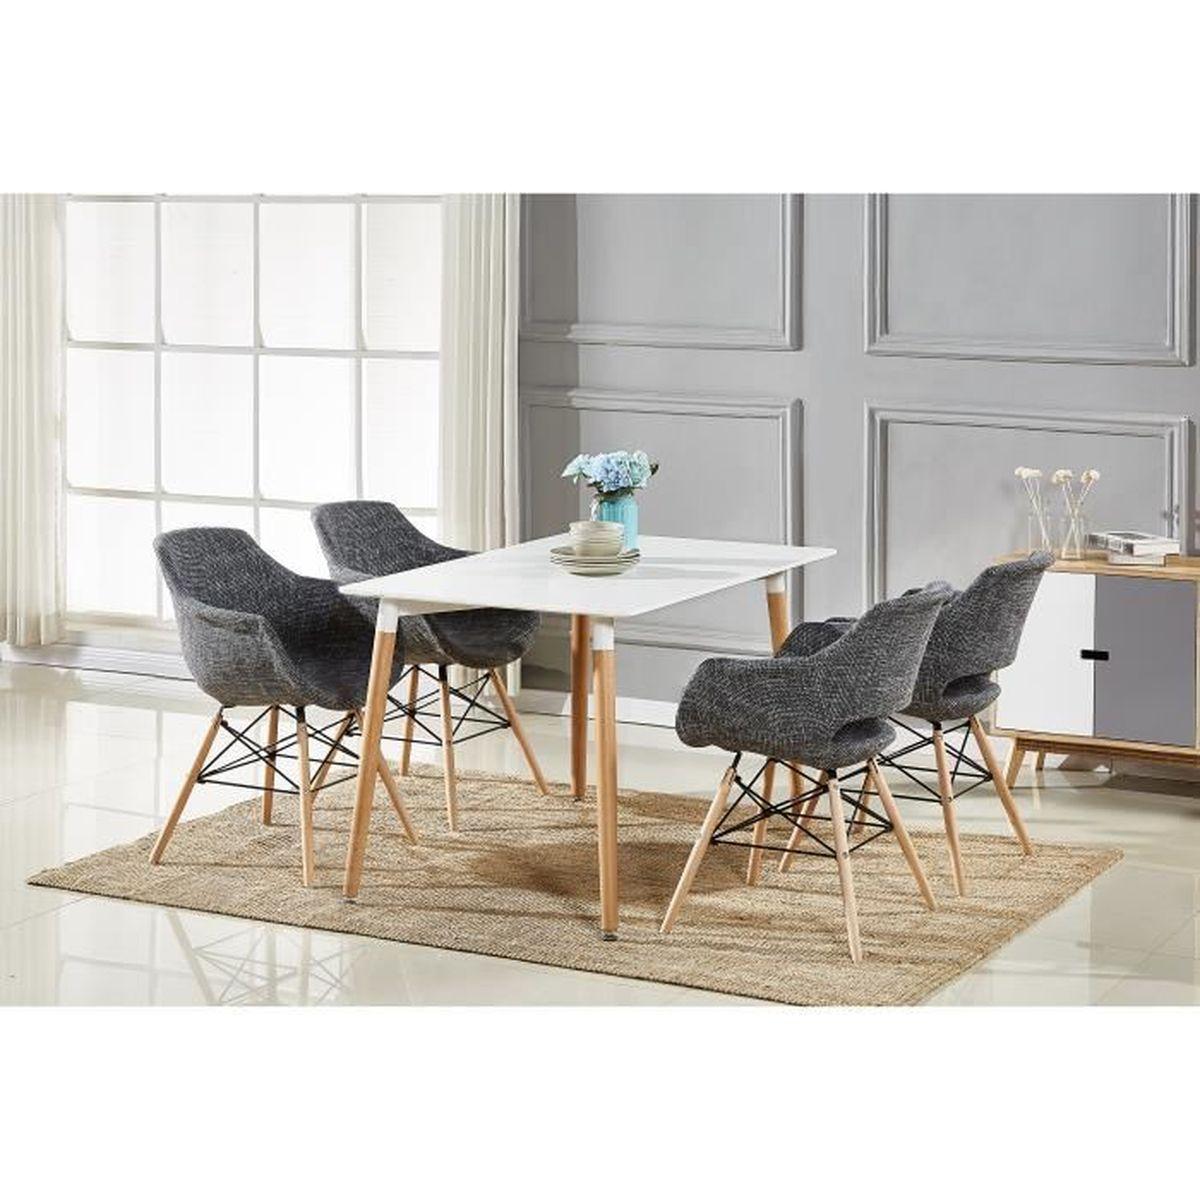 TABLE À MANGER COMPLÈTE Table à Manger Blanche + 4 Chaises Gris ...